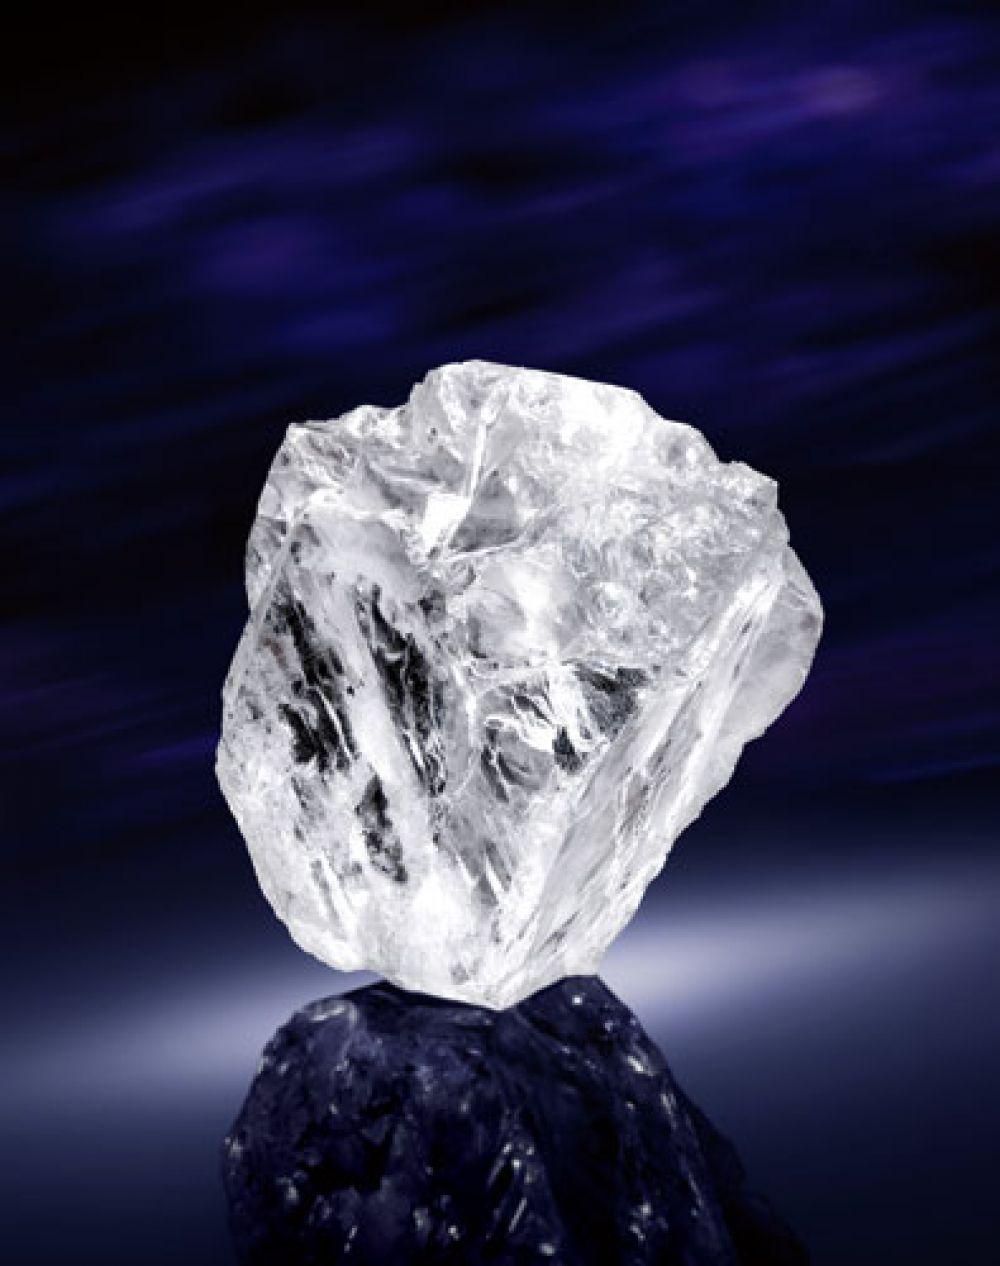 Самый большой из существующих в мире природных алмазов ювелирного качества был найден в Ботсване в 2015 году. Его вес — 1109 карат. Уникальный алмаз размером с теннисный мячик носит название Lesedi la Rona, что в переводе означает «Наш свет». Второй по величине в мире алмаз был найден на африканском прииске канадской компании Lucara Diamond Corporation.